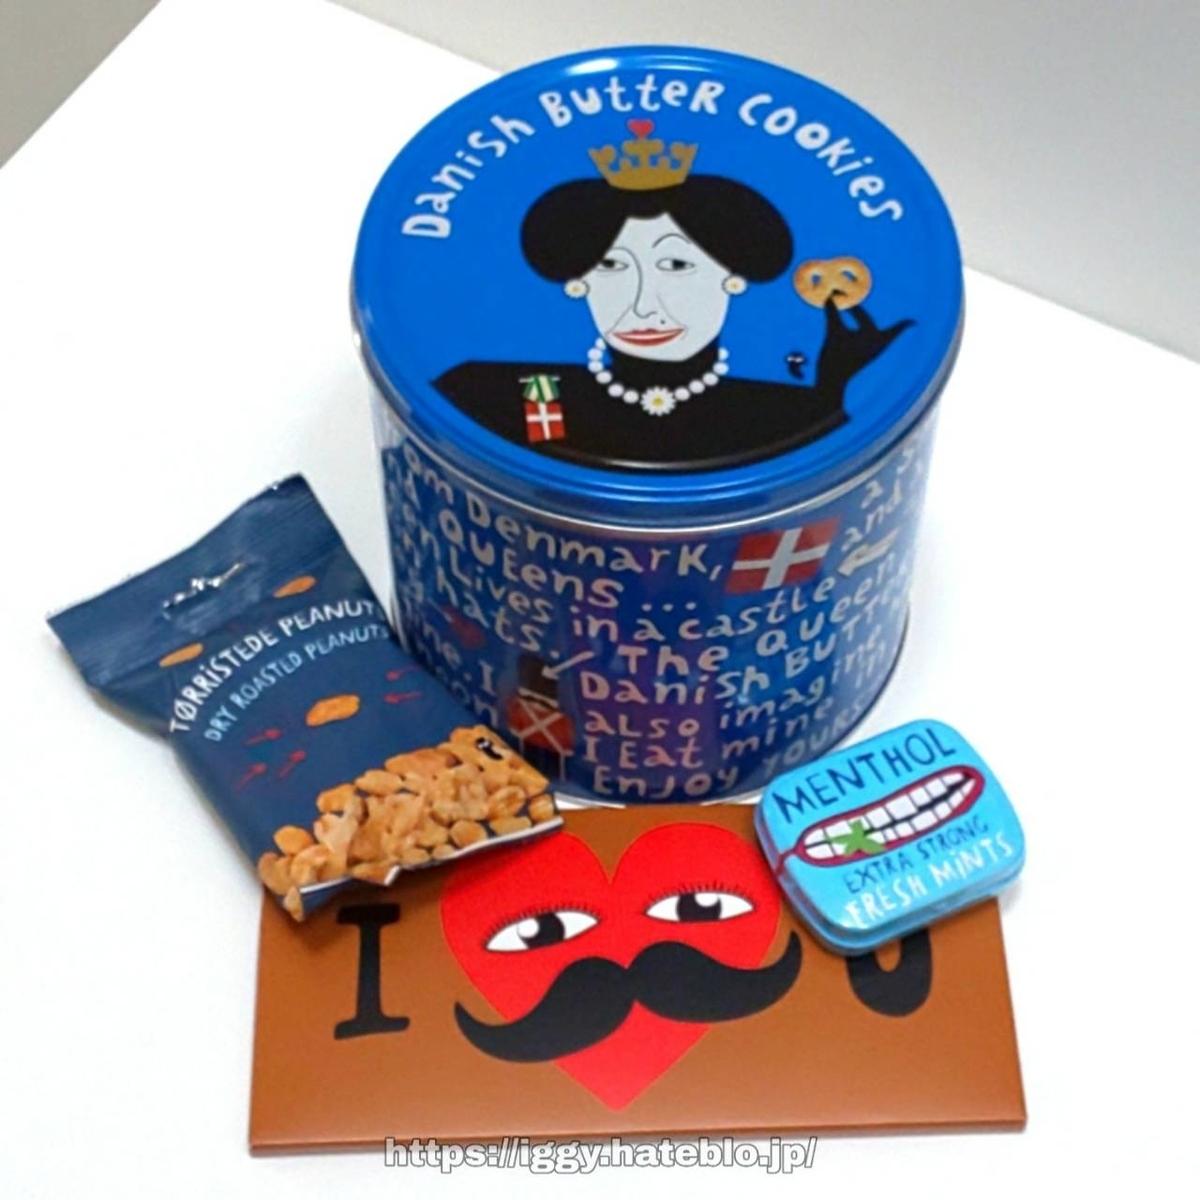 フライングタイガー 購入したお菓子 おすすめ商品